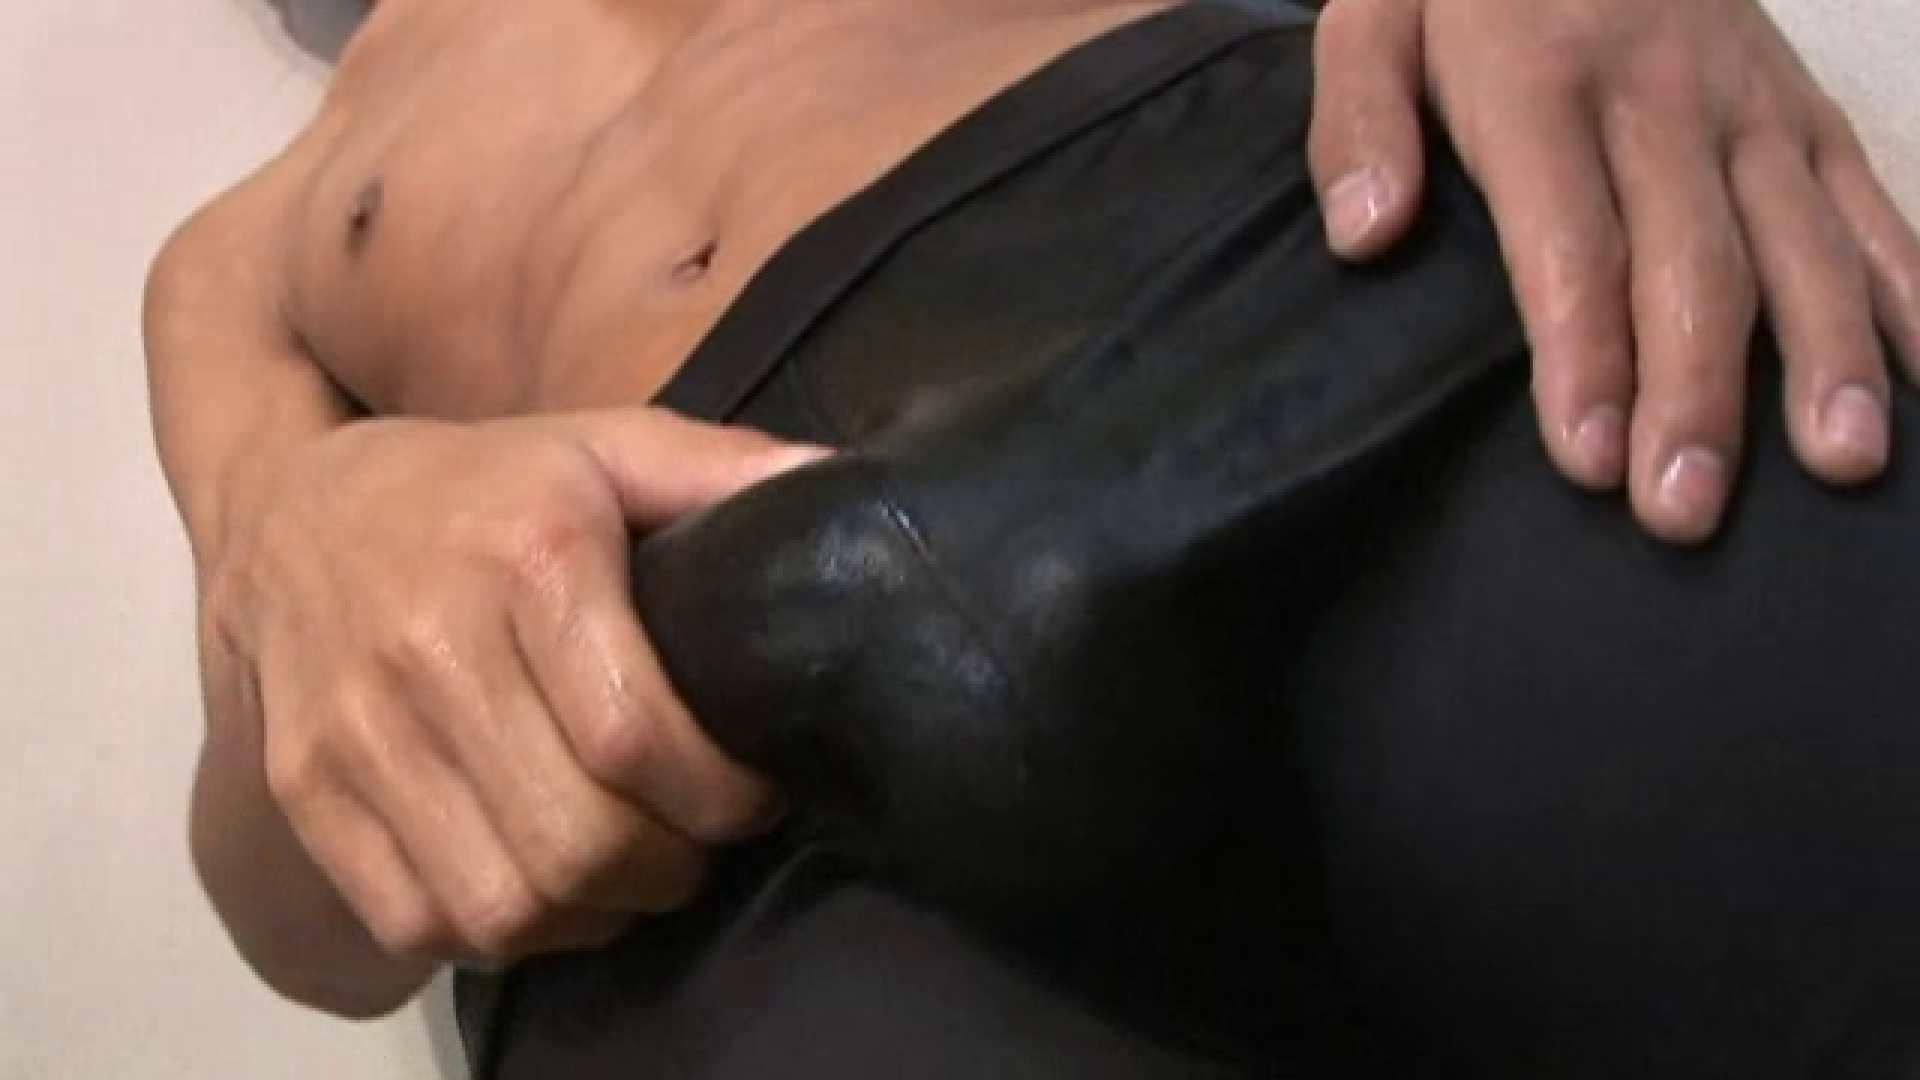 炸裂!! Big Magnum!!vol.04 ゲイのオナニー映像 ゲイ無修正ビデオ画像 79枚 50